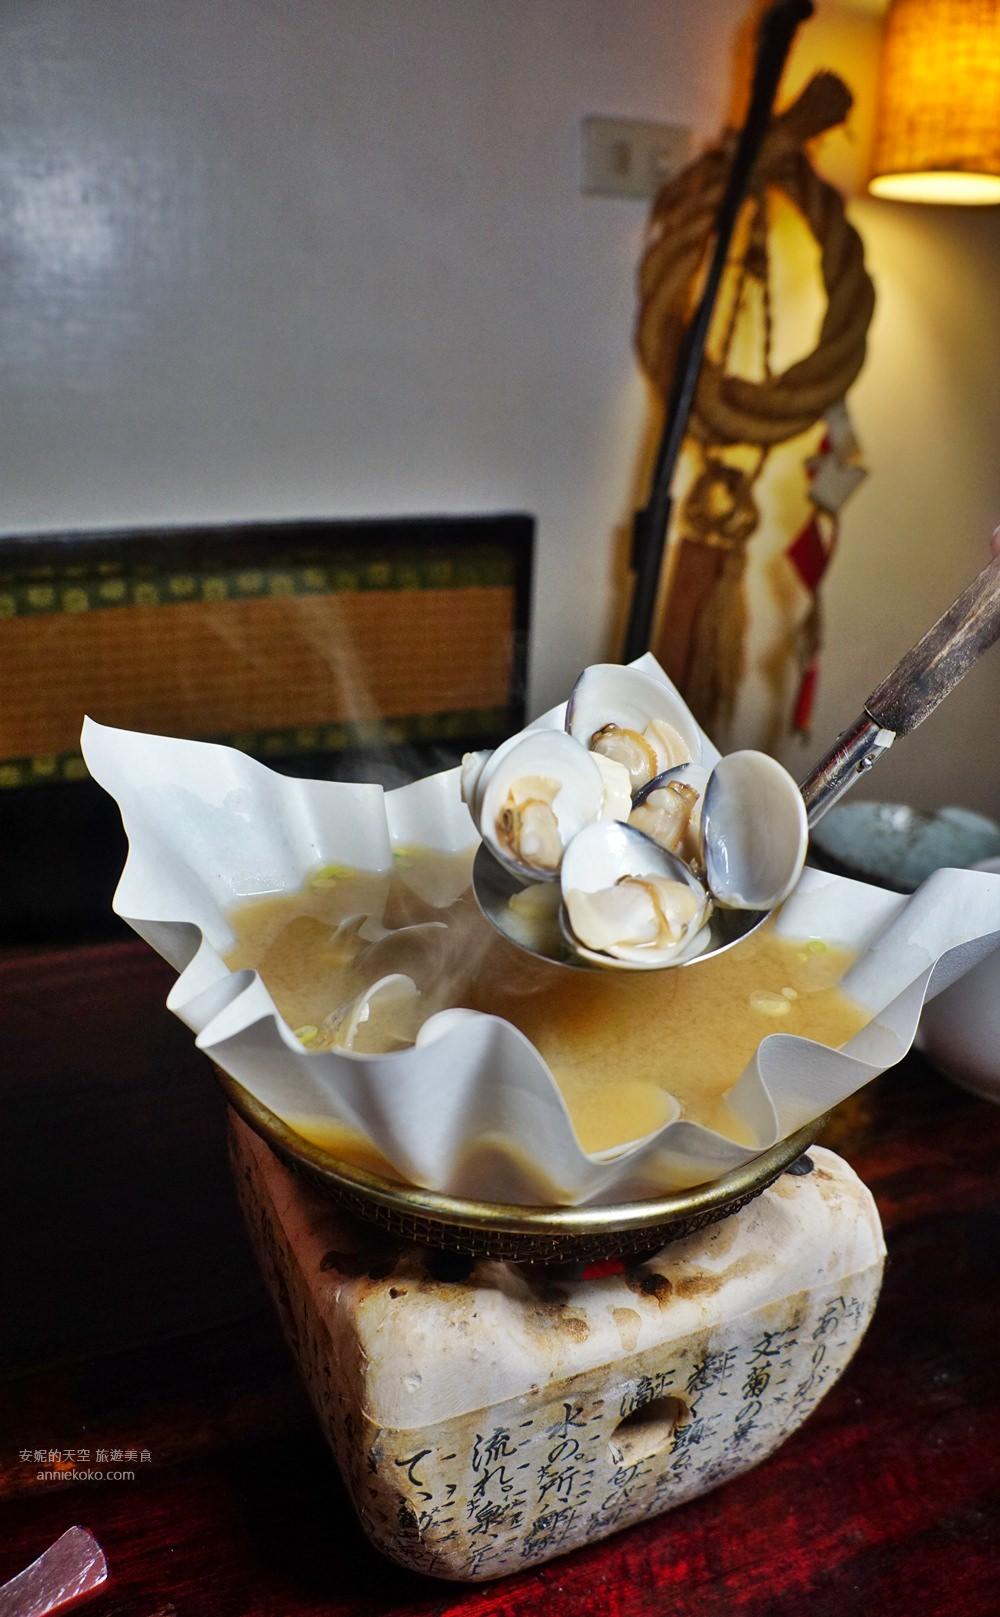 20180630151450 32 - 熱血採訪 [台北 三十三間堂日本料理] 有個性老闆娘的日本料理老店 一場美學與食材當道的華麗演出